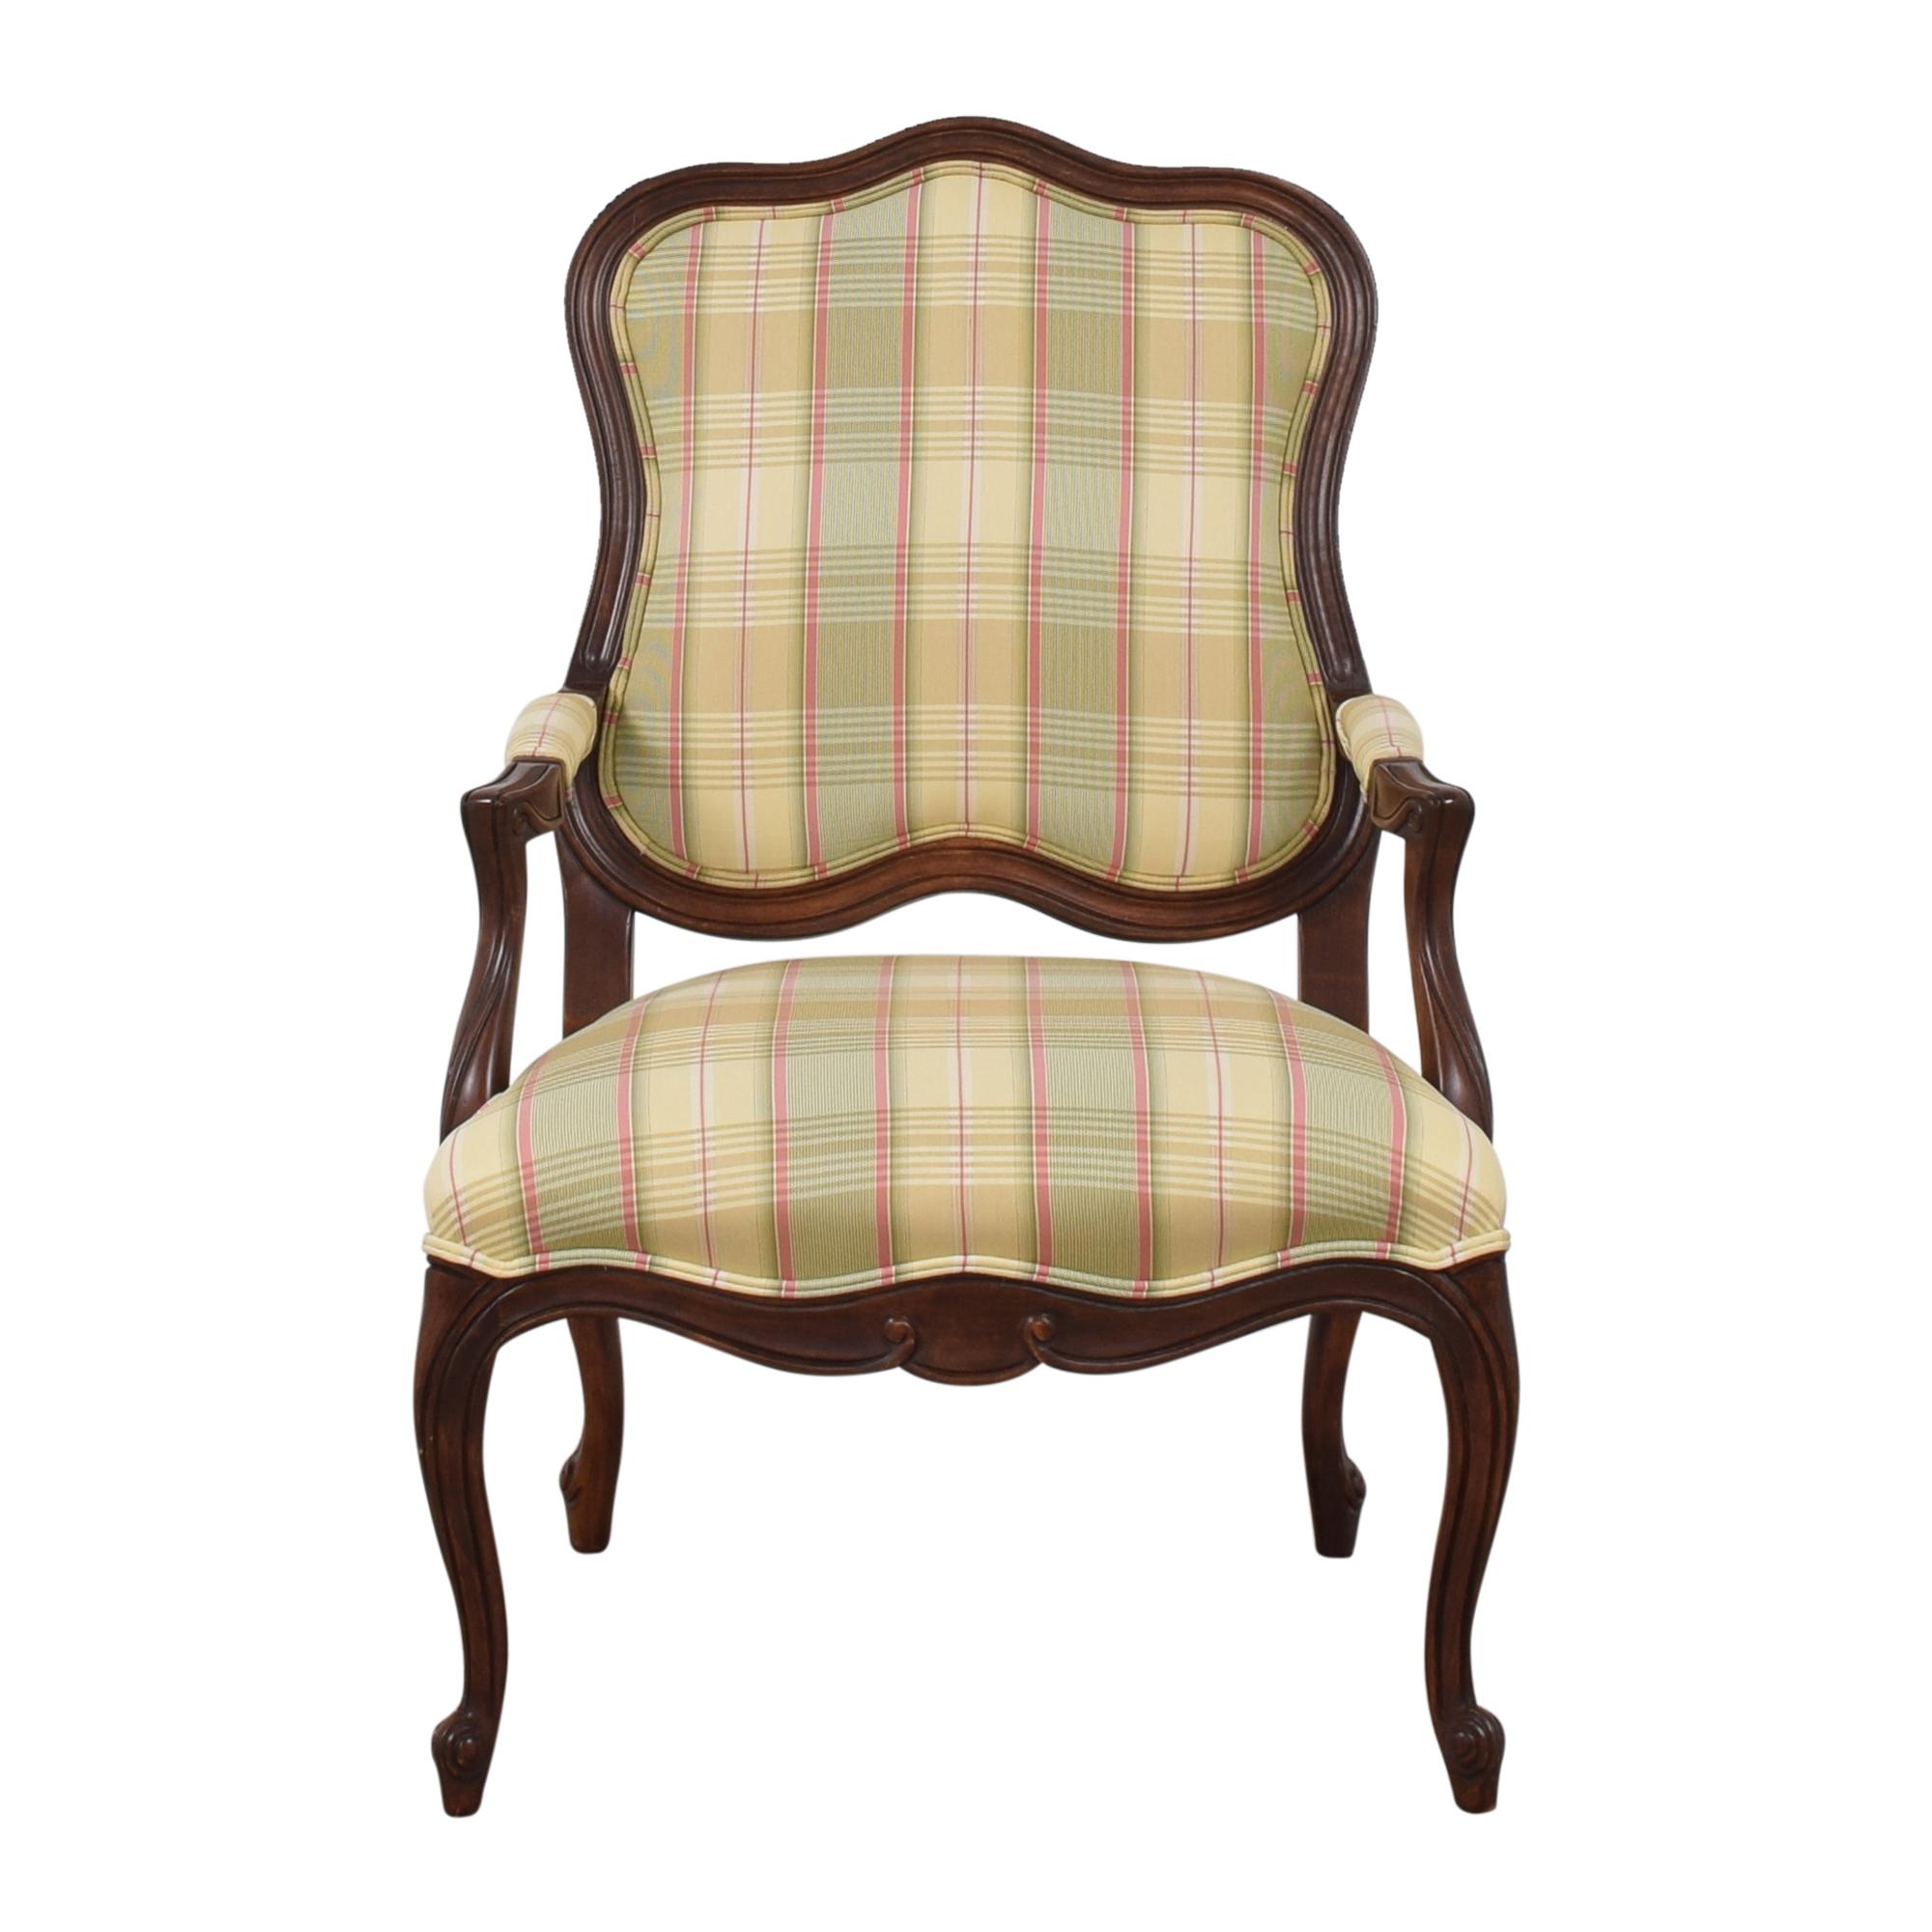 Ethan Allen Ethan Allen Chantel Chair Accent Chairs